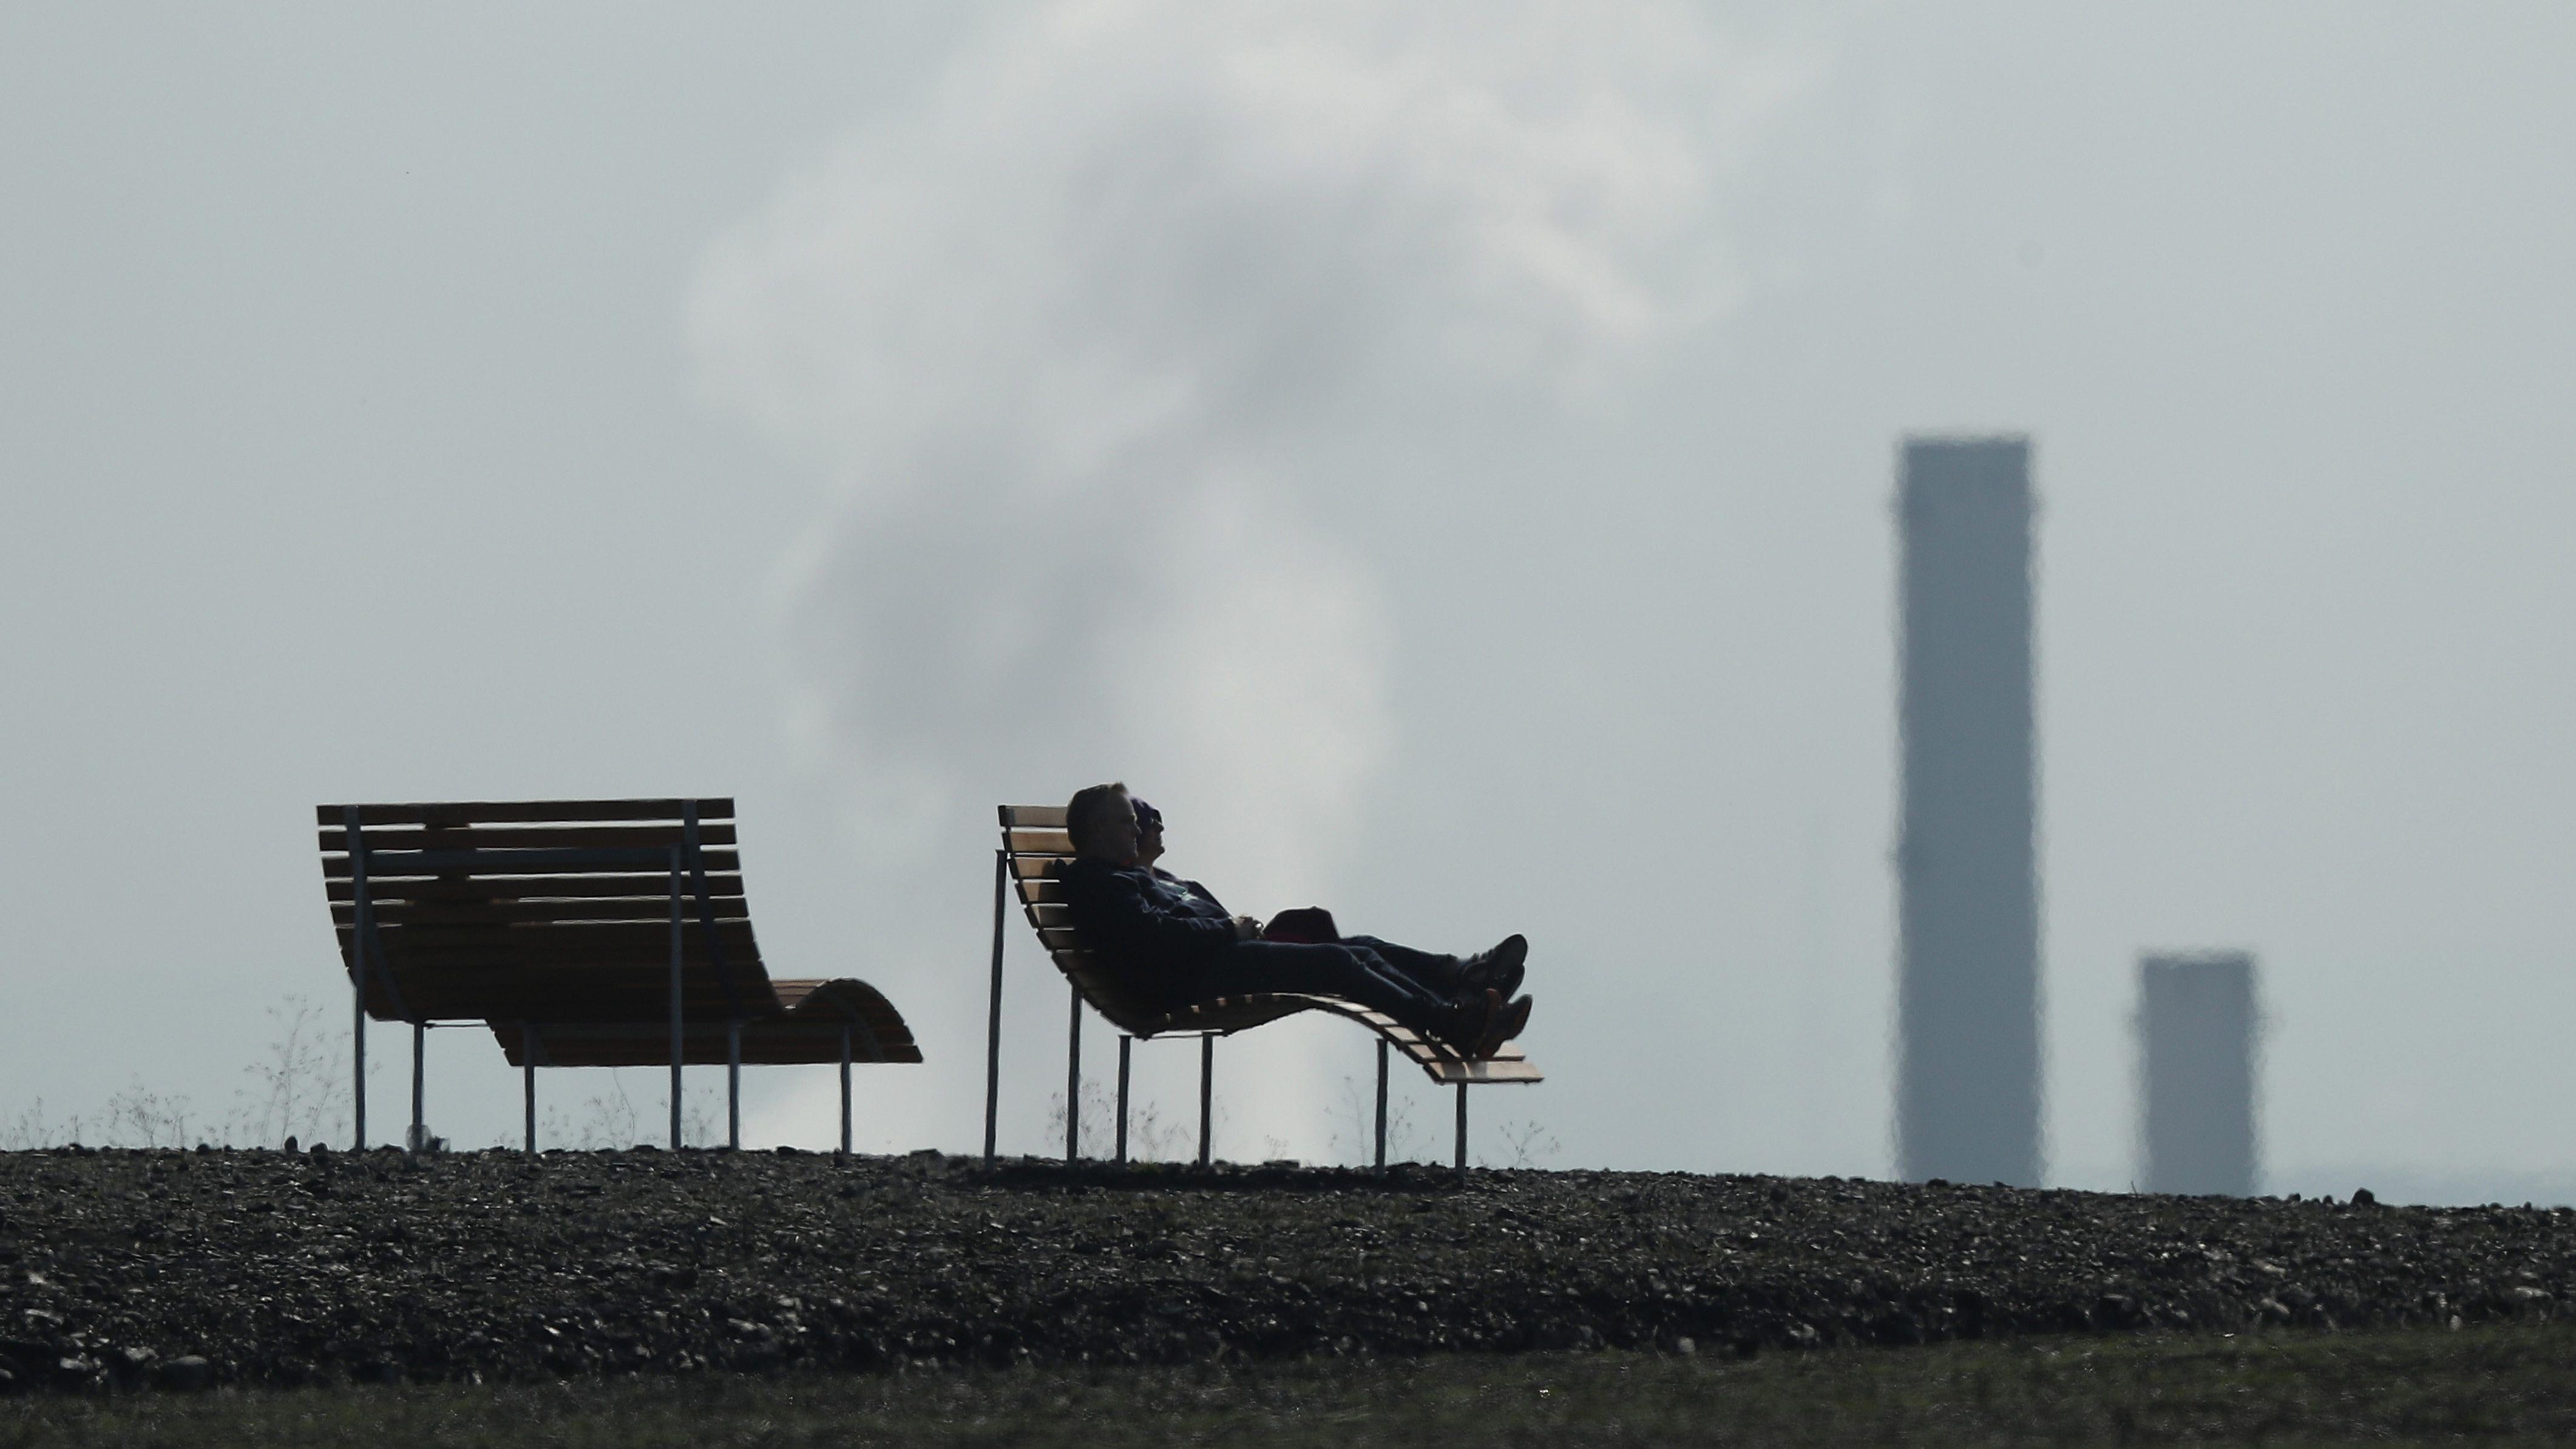 石炭火力推しのトランプ政権、段階的廃止を加速させる欧州